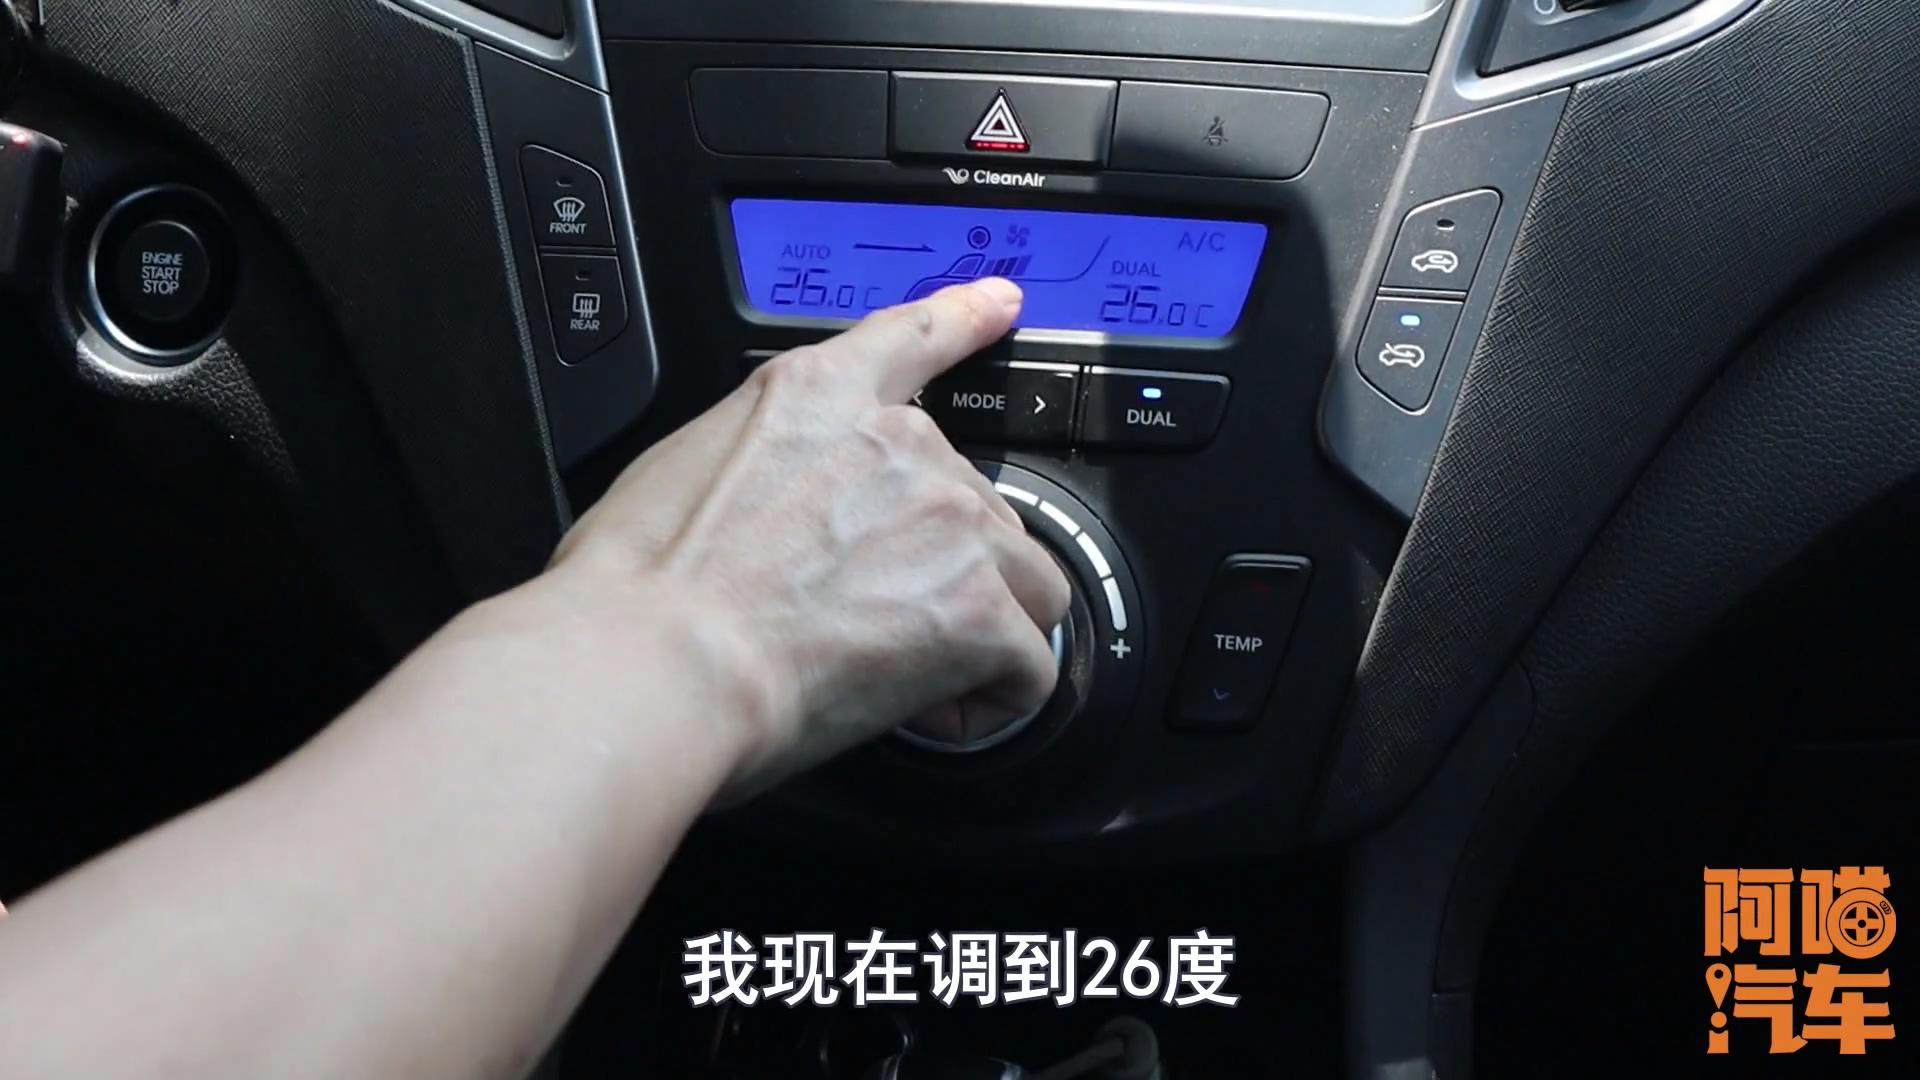 车载空调这功能新手司机都不用,真的很鸡肋?学学老司机的用法